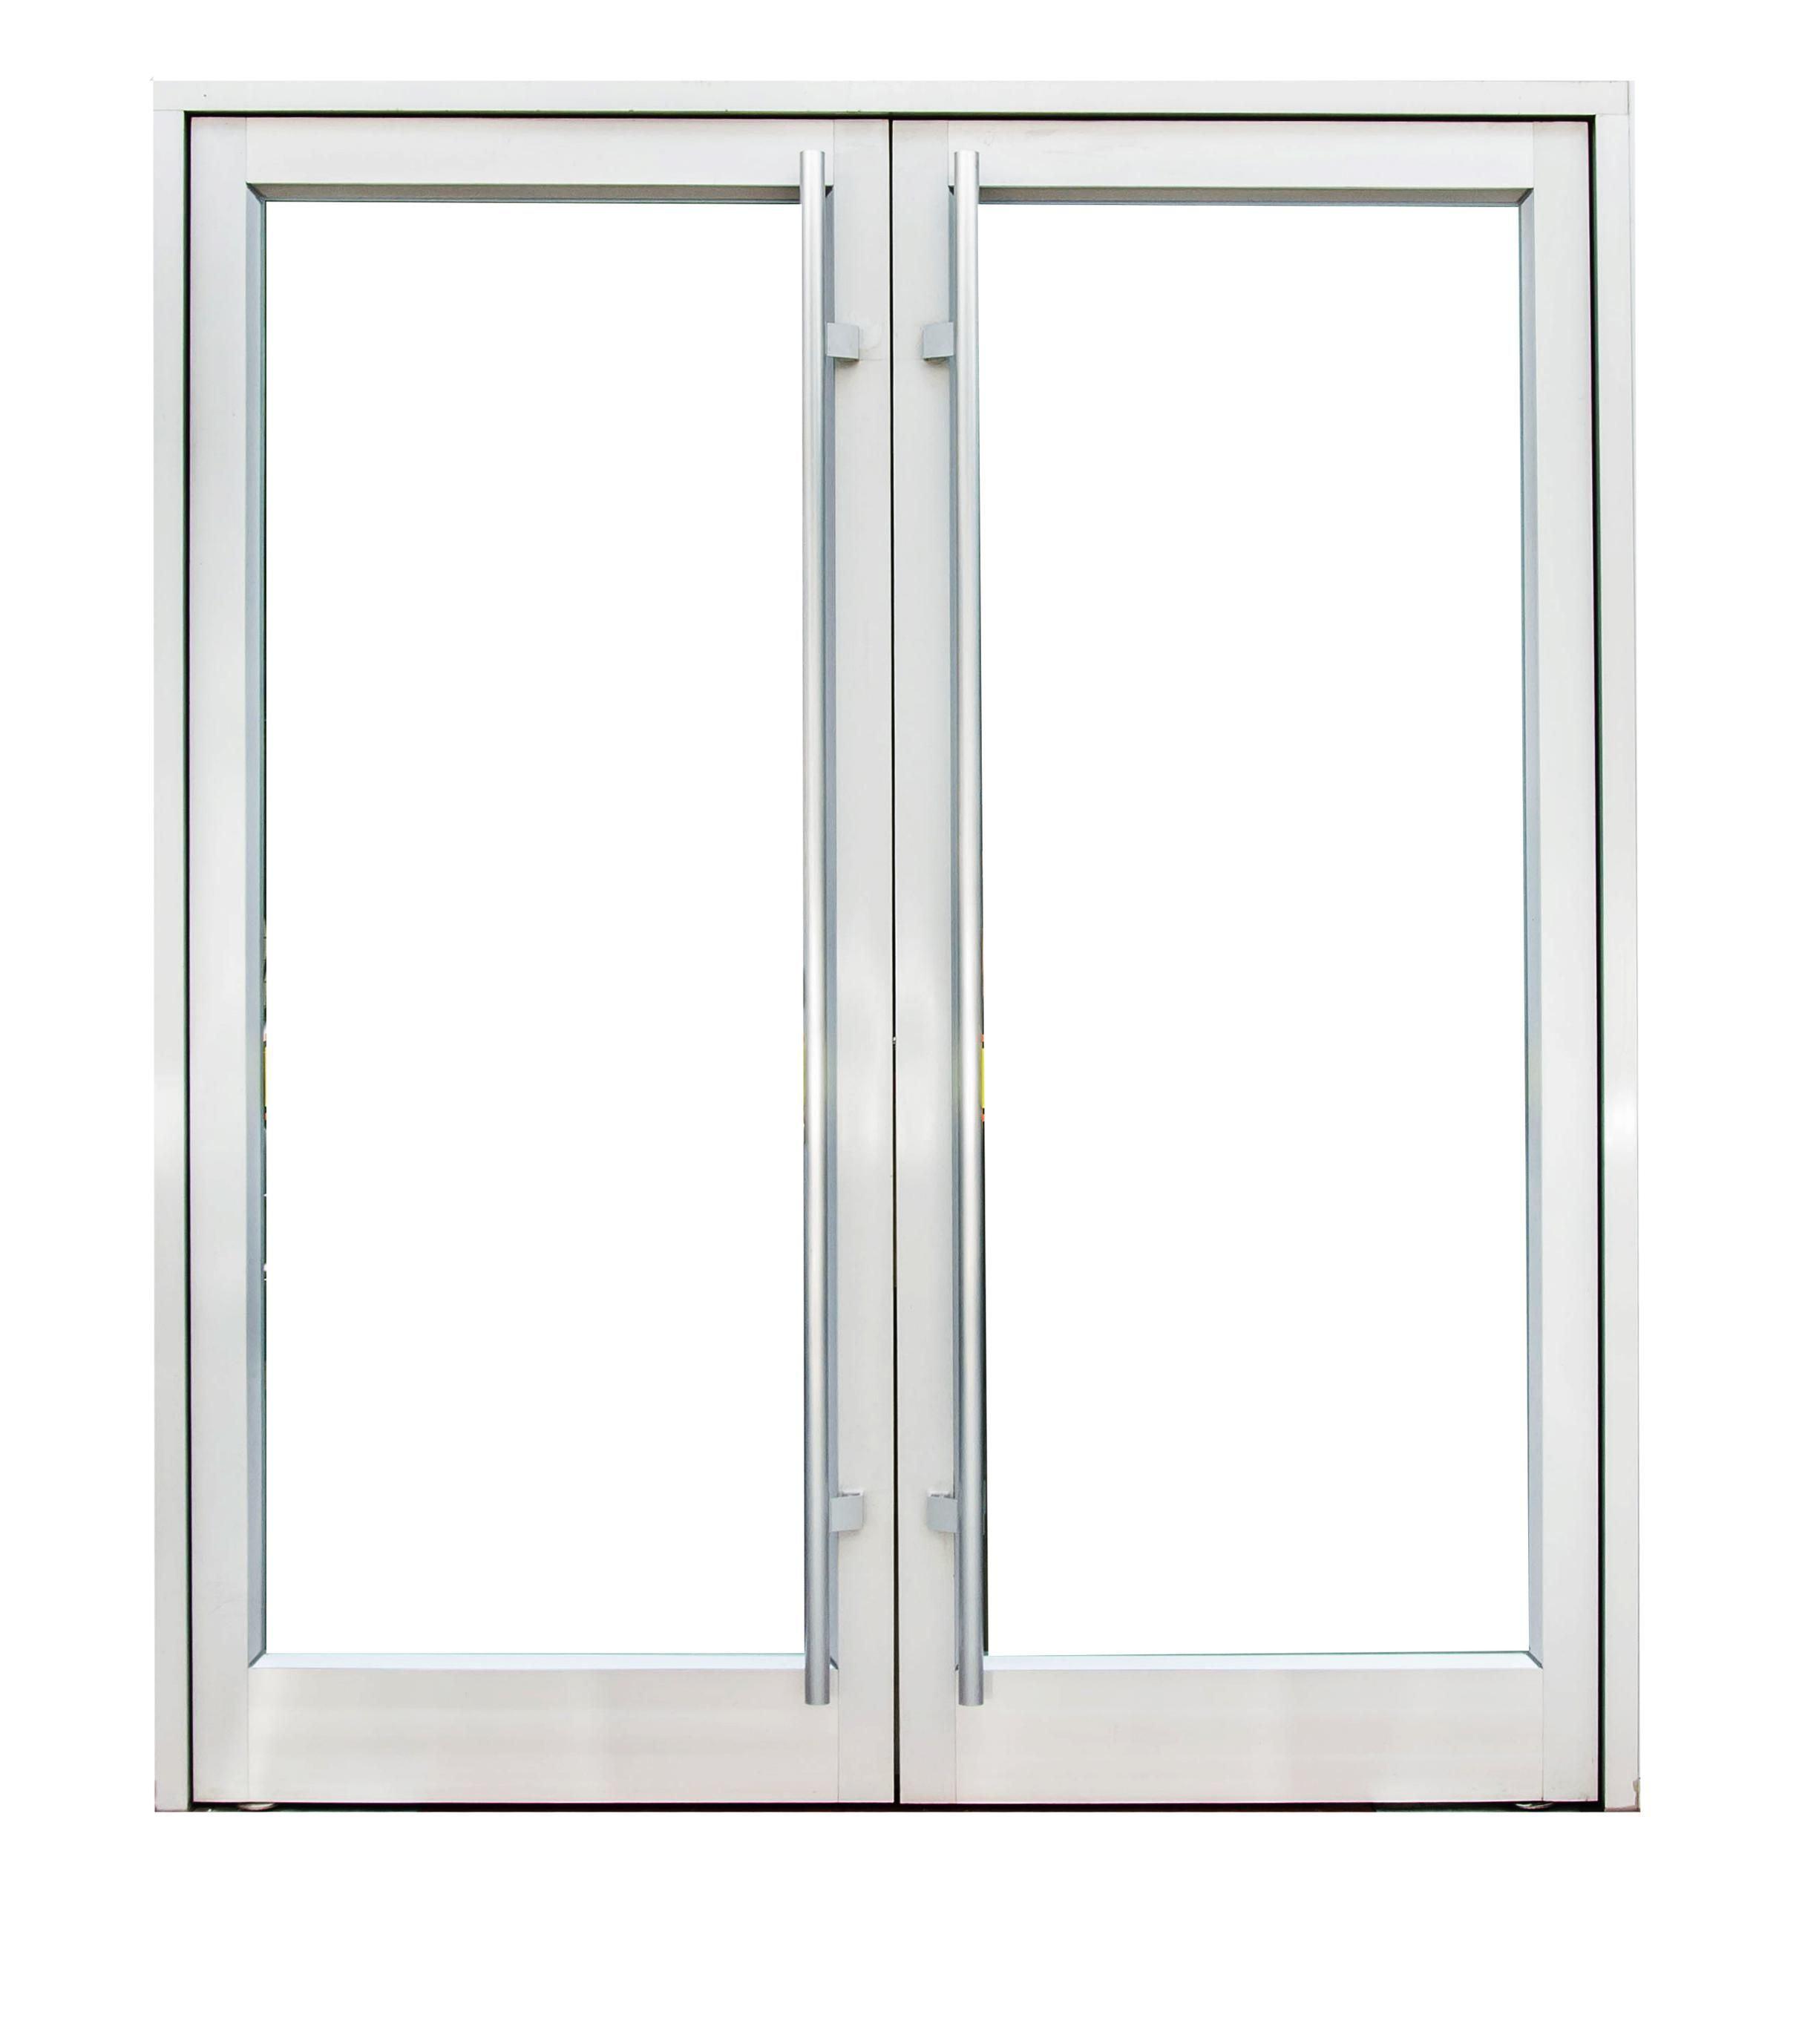 New Design Exterior Outdoor Swing Spring Aluminum Glass Doors